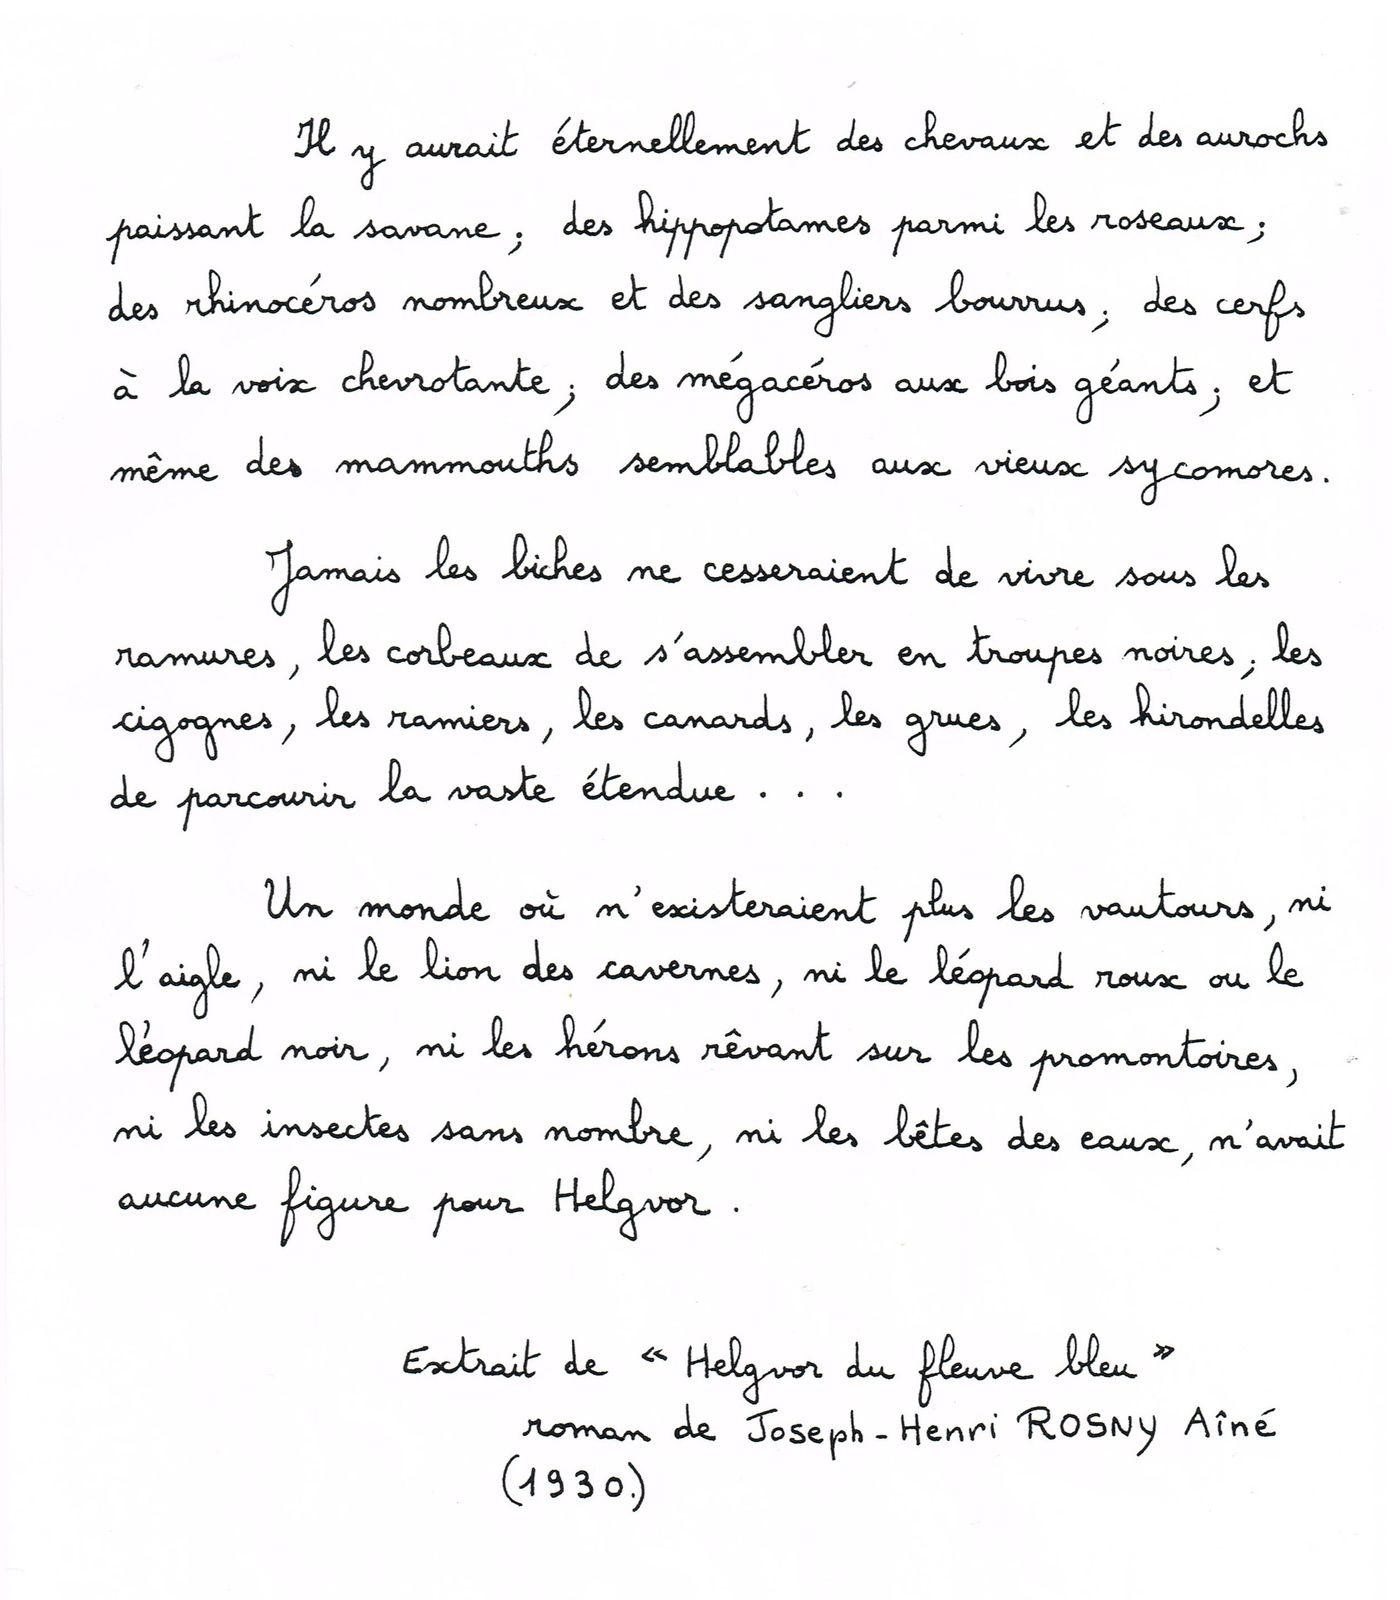 Un extrait copié à la main  pour moi par Michel Sennepin, que je remercie chaleureusement.